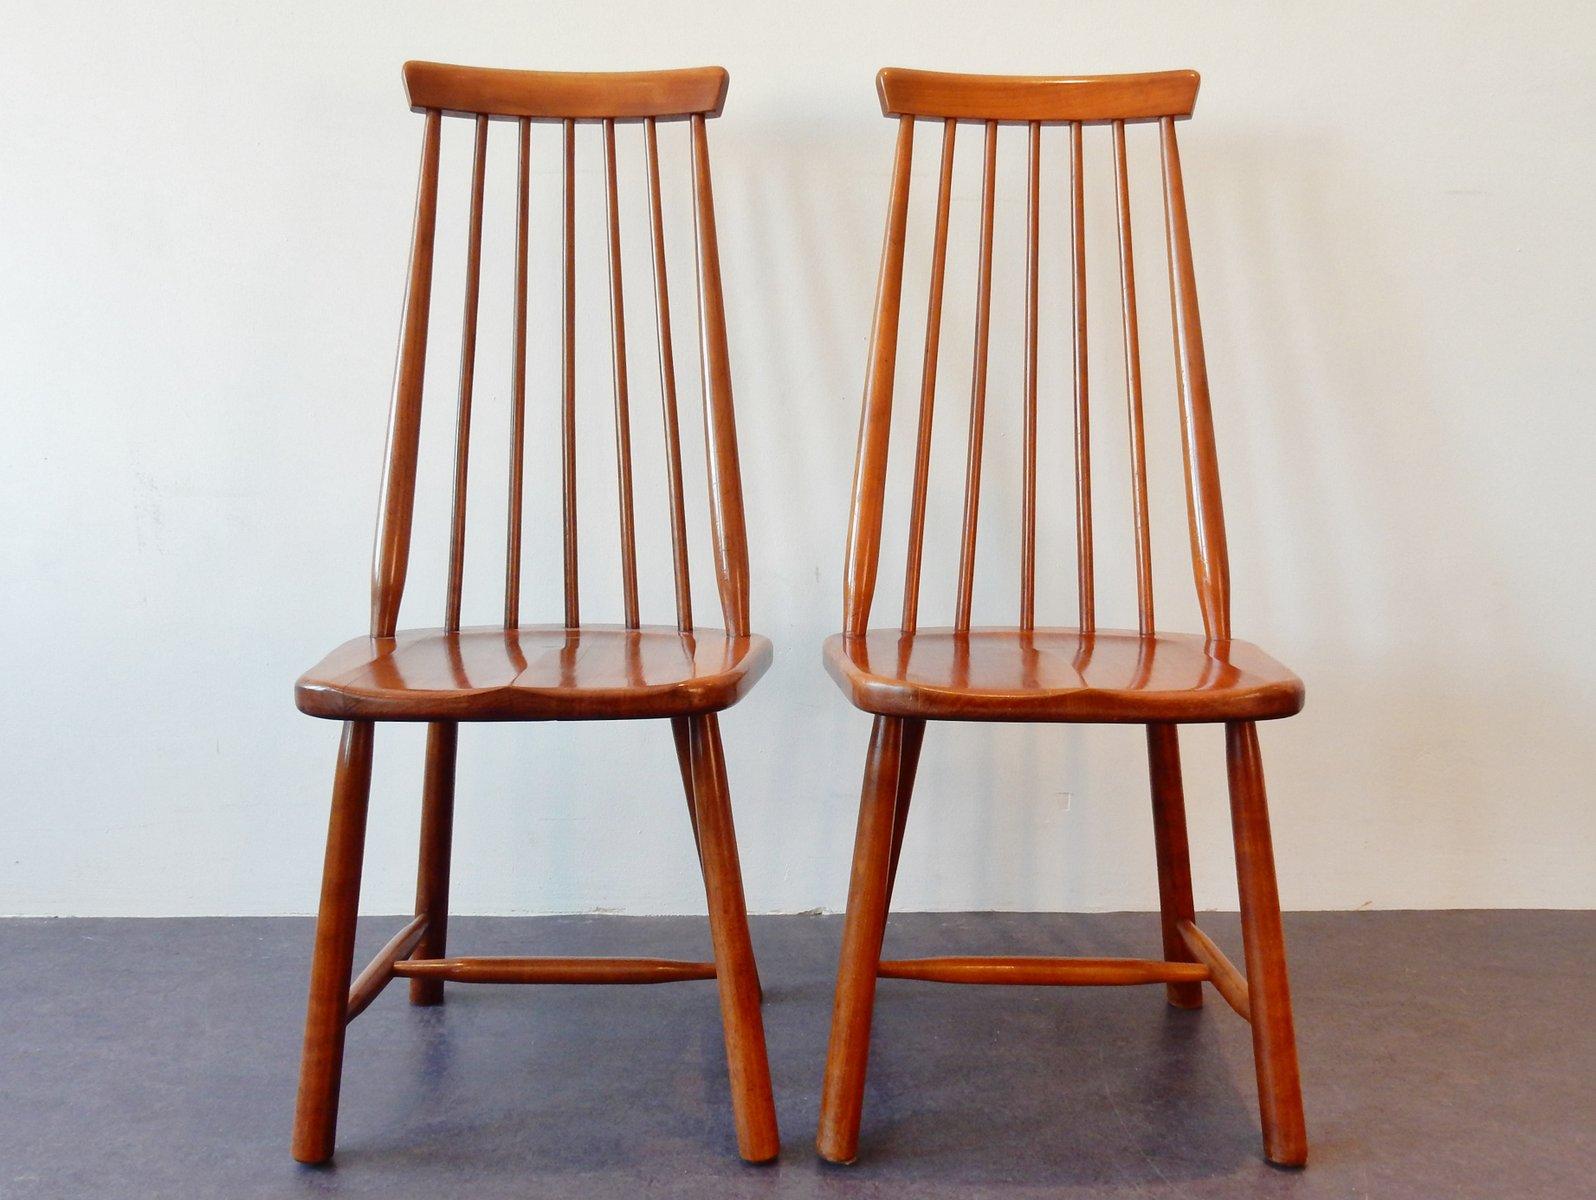 chaises vintage en bois massif set de 2 en vente sur pamono. Black Bedroom Furniture Sets. Home Design Ideas